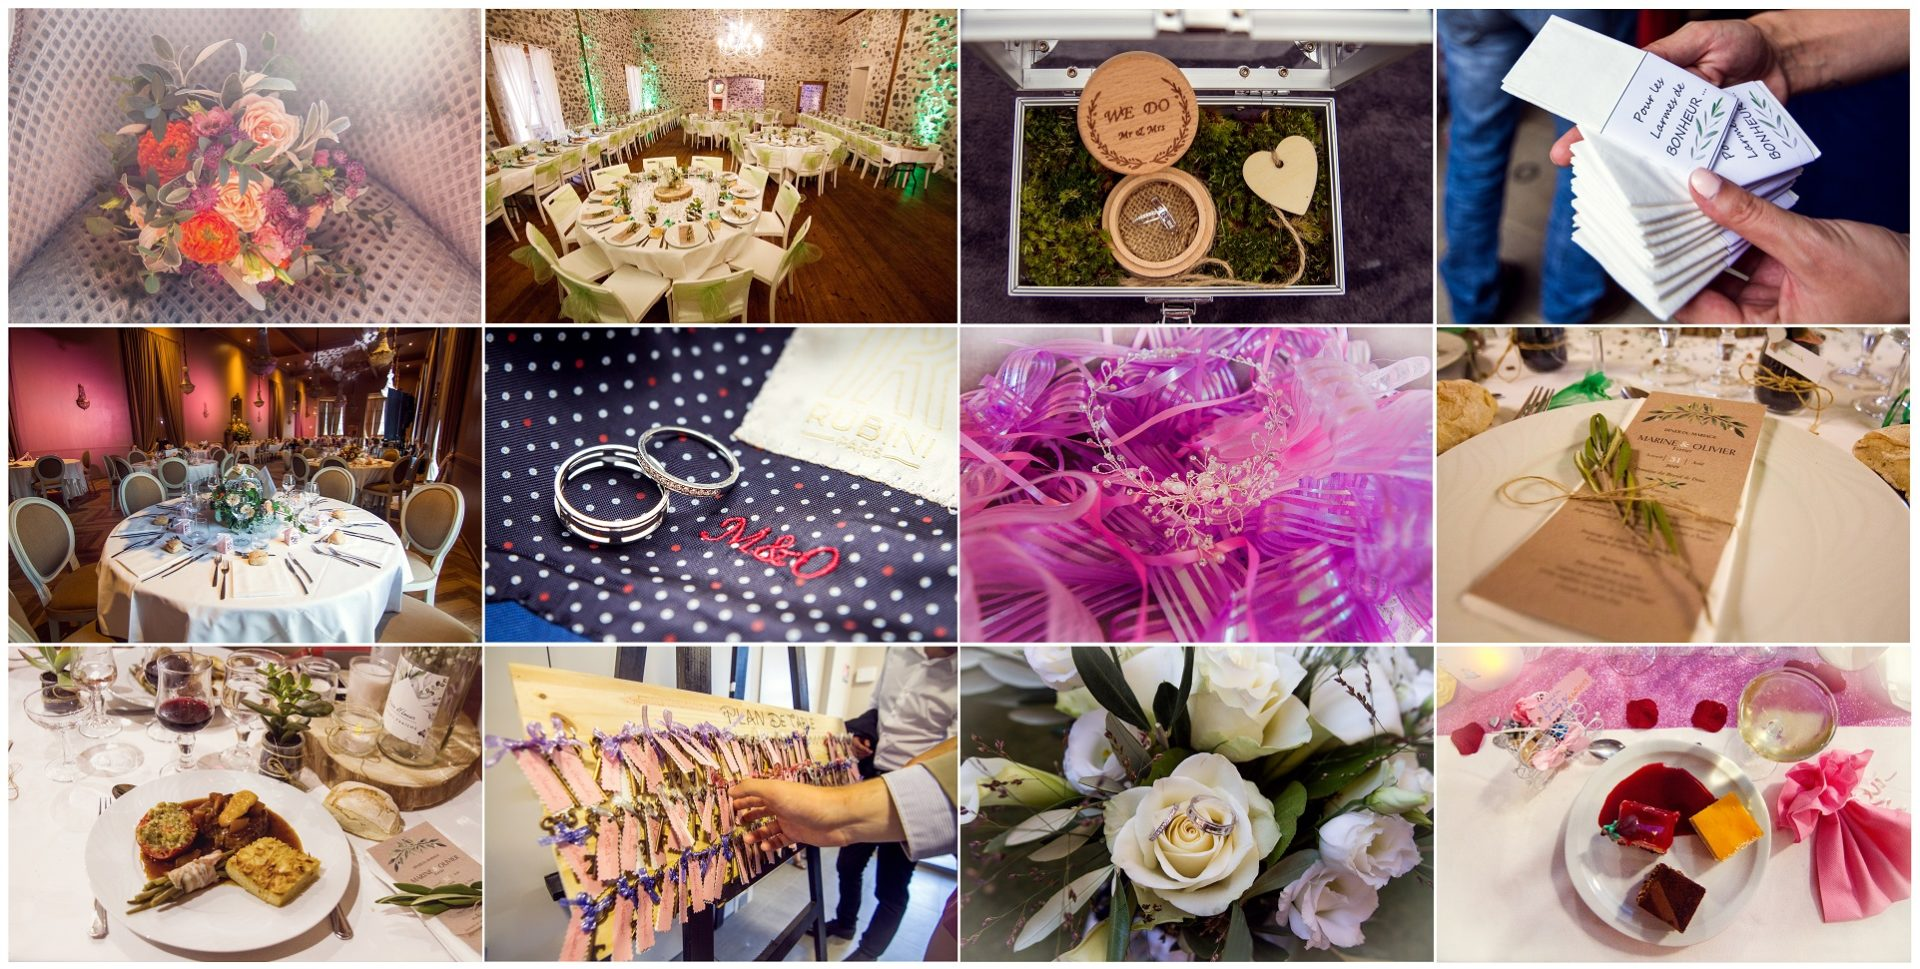 les petits détails de mariage, alliances, fleurs, bouquet, décoration, église, soirée, salle de mariage, coiffure, bijoux, reportage de mariage Haute-Loire, Photographe Haute-Loire